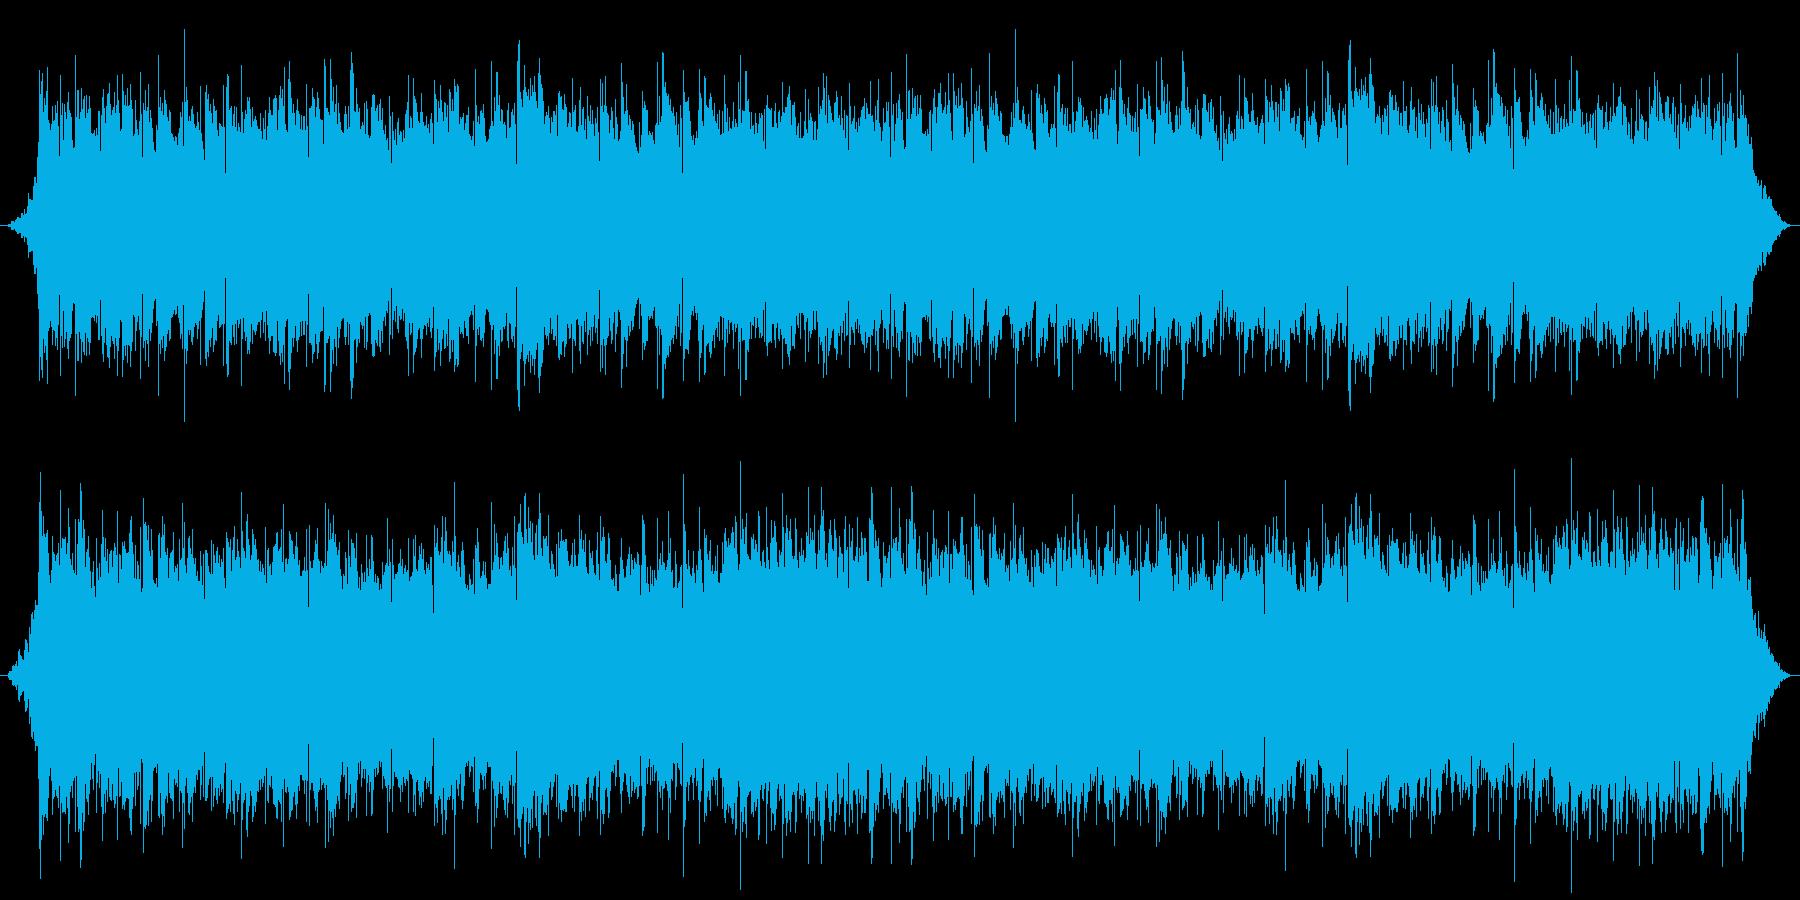 吹き抜ける風をイメージしたループ曲の再生済みの波形